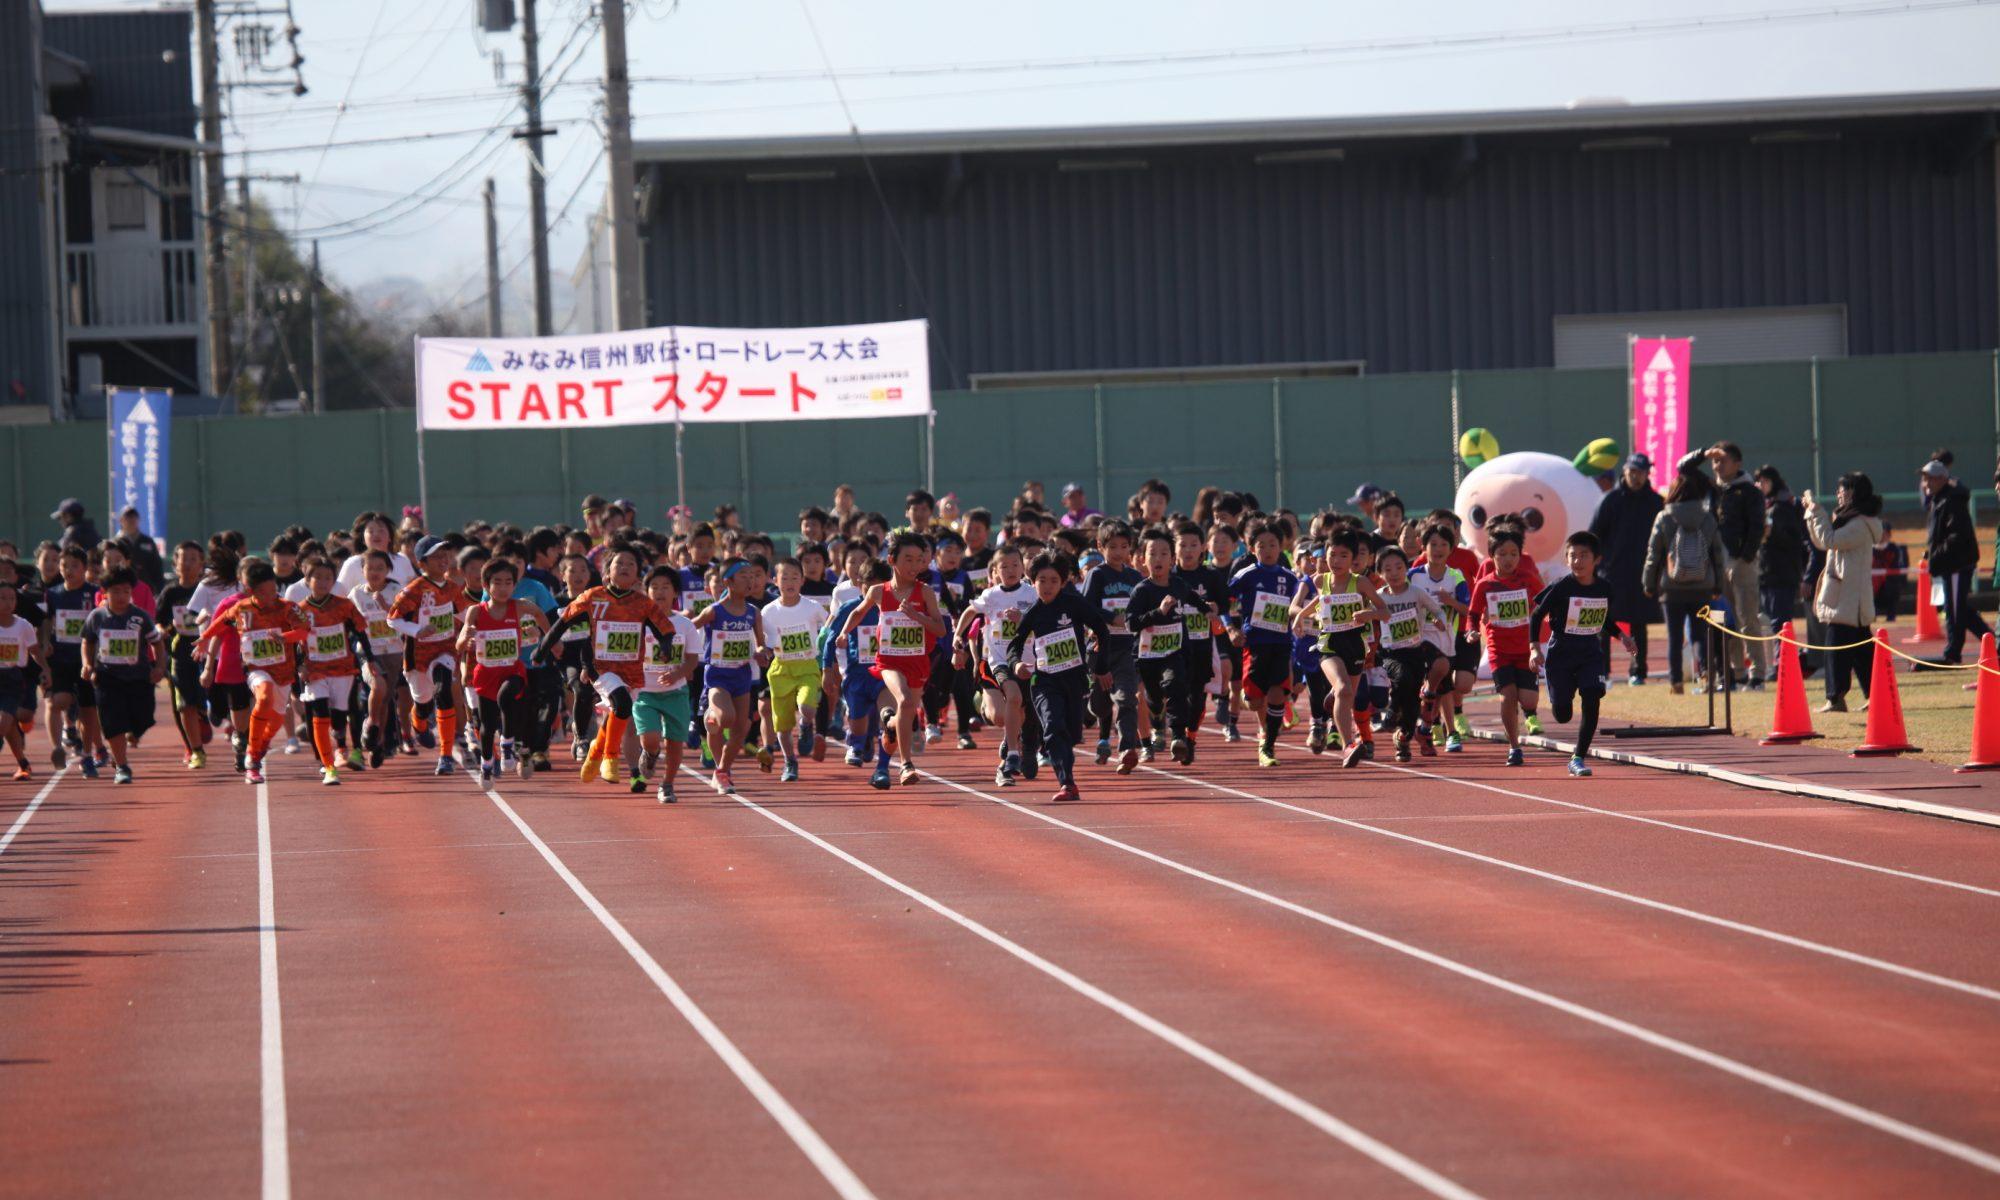 みなみ信州 駅伝・ロードレース大会